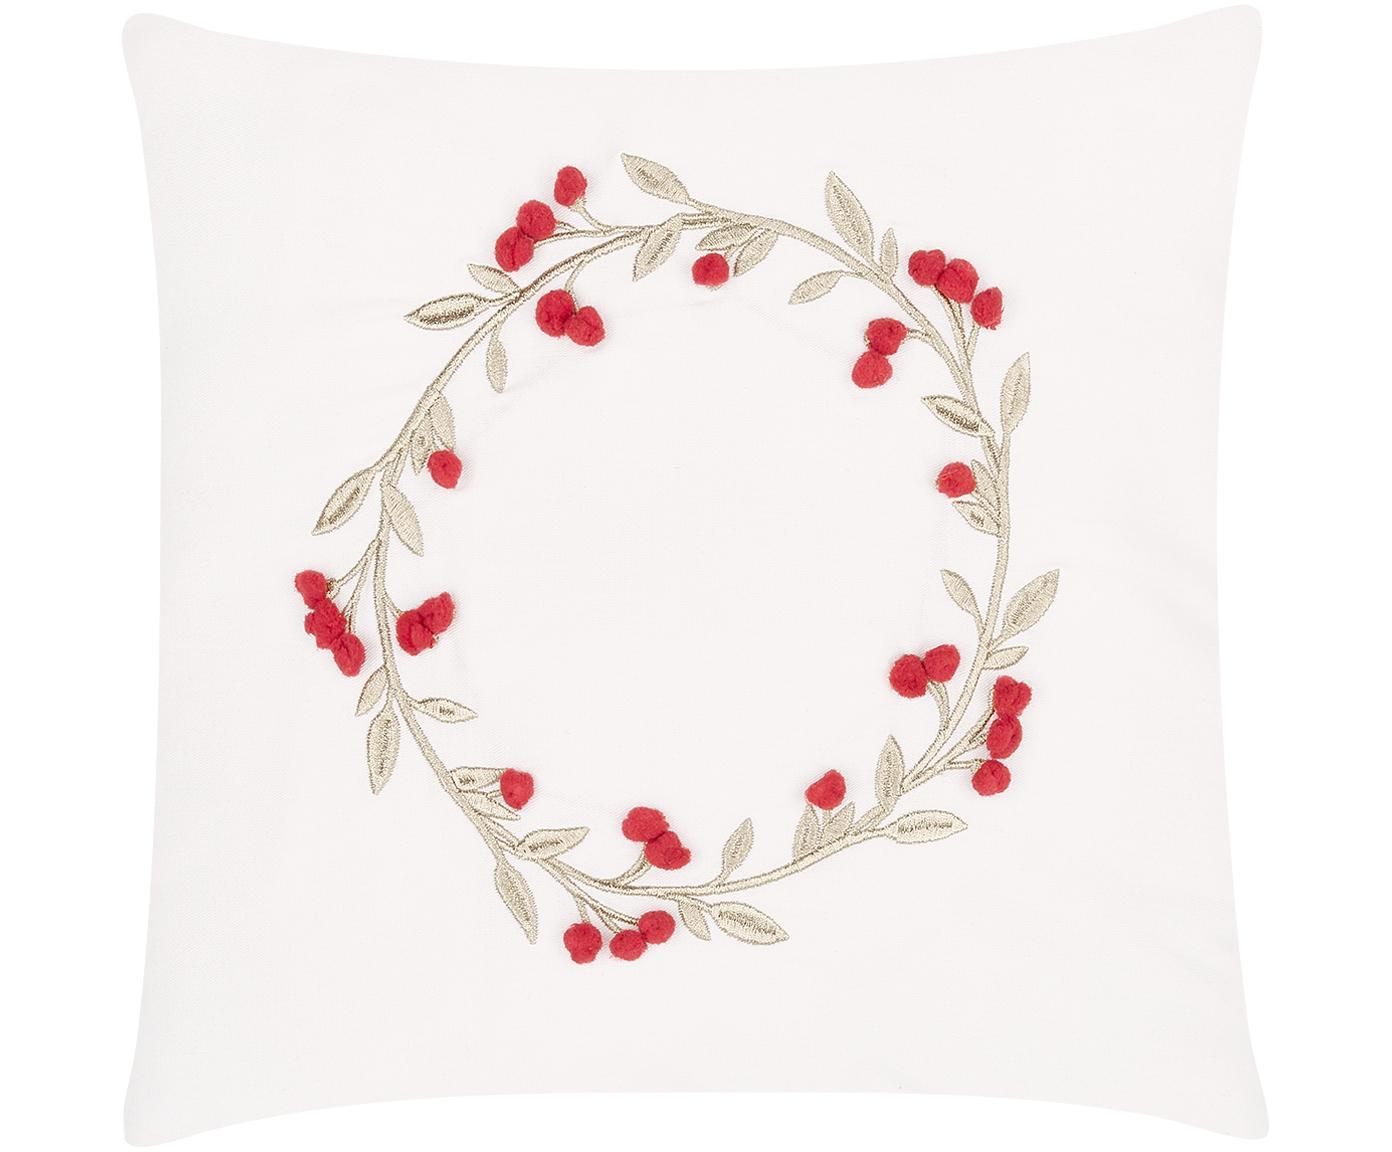 Bestickte Samt-Kissenhülle Christmas Wreath mit verzierenden Bommeln, Cremeweiß, 40 x 40 cm